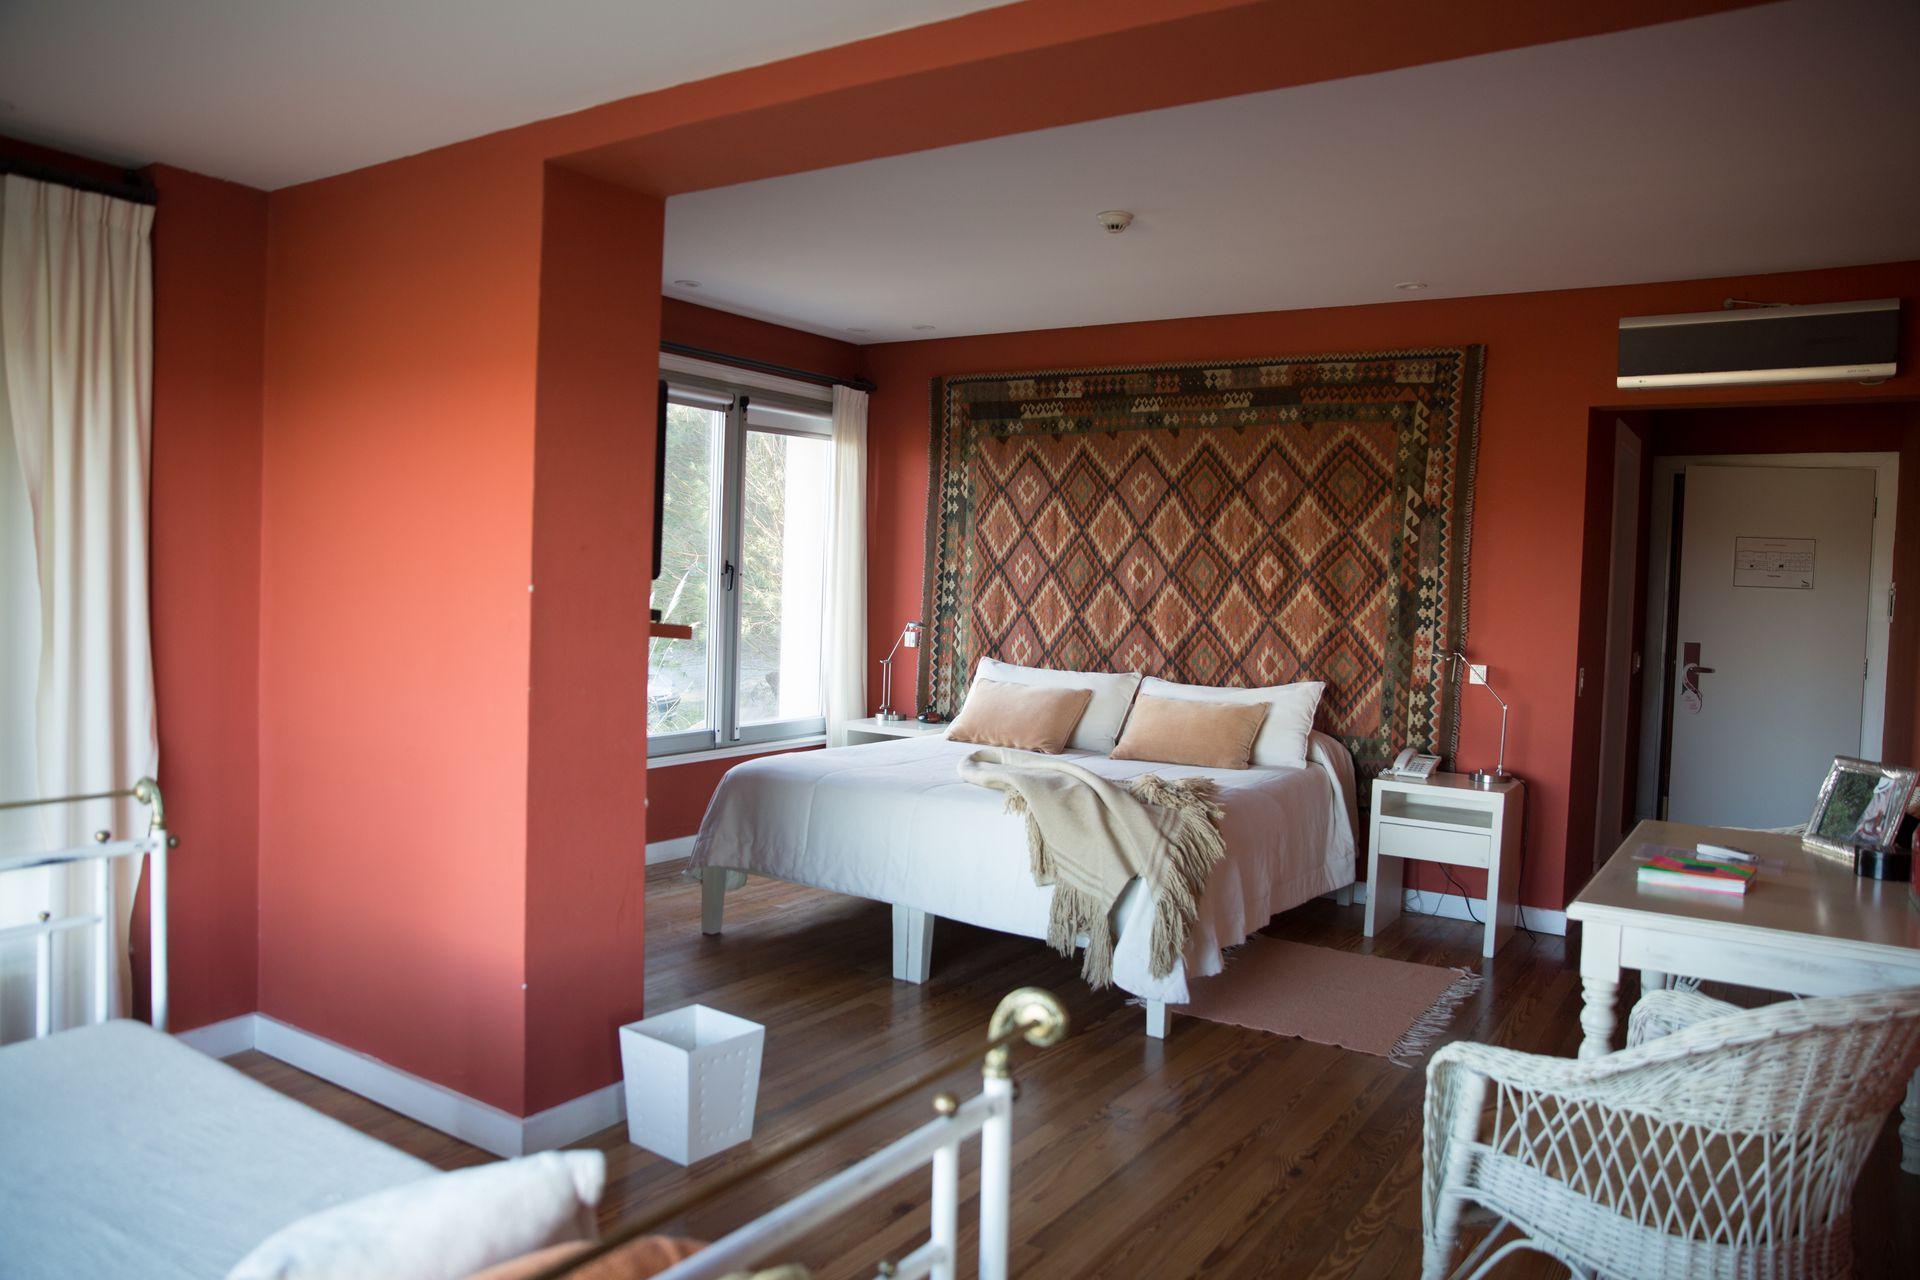 Las 33 habitaciones de Amaiké Golf & Spa tienen nombres de jugadores de golf. Son amplias y luminosas.